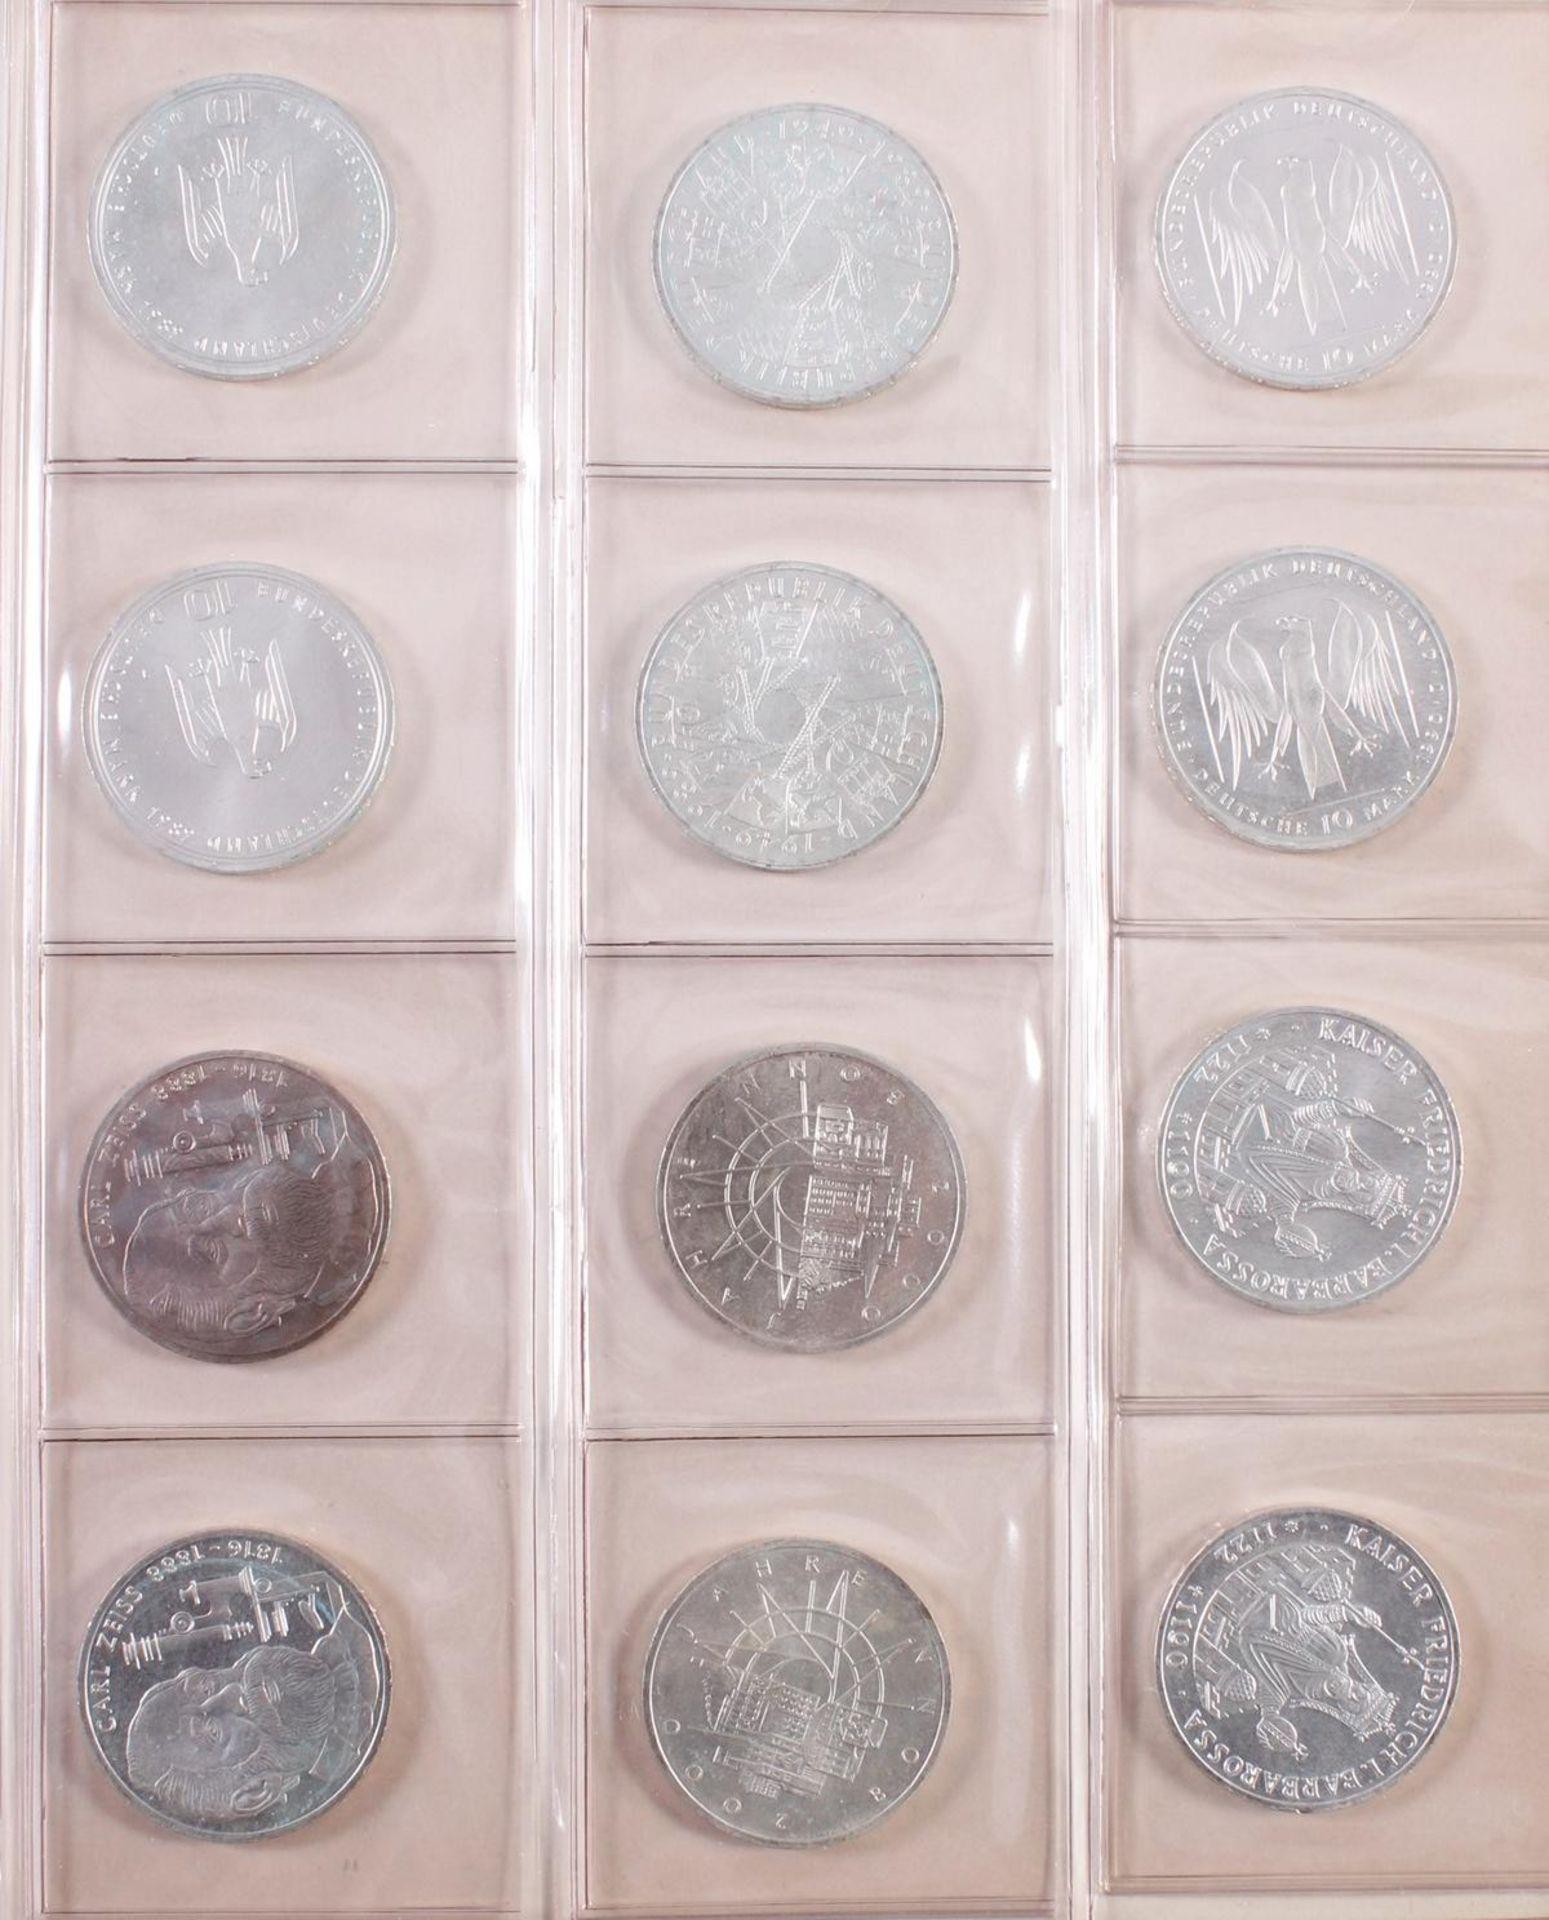 Münzsammlung BRD und alle Welt mit einer Goldmünze - Bild 3 aus 15